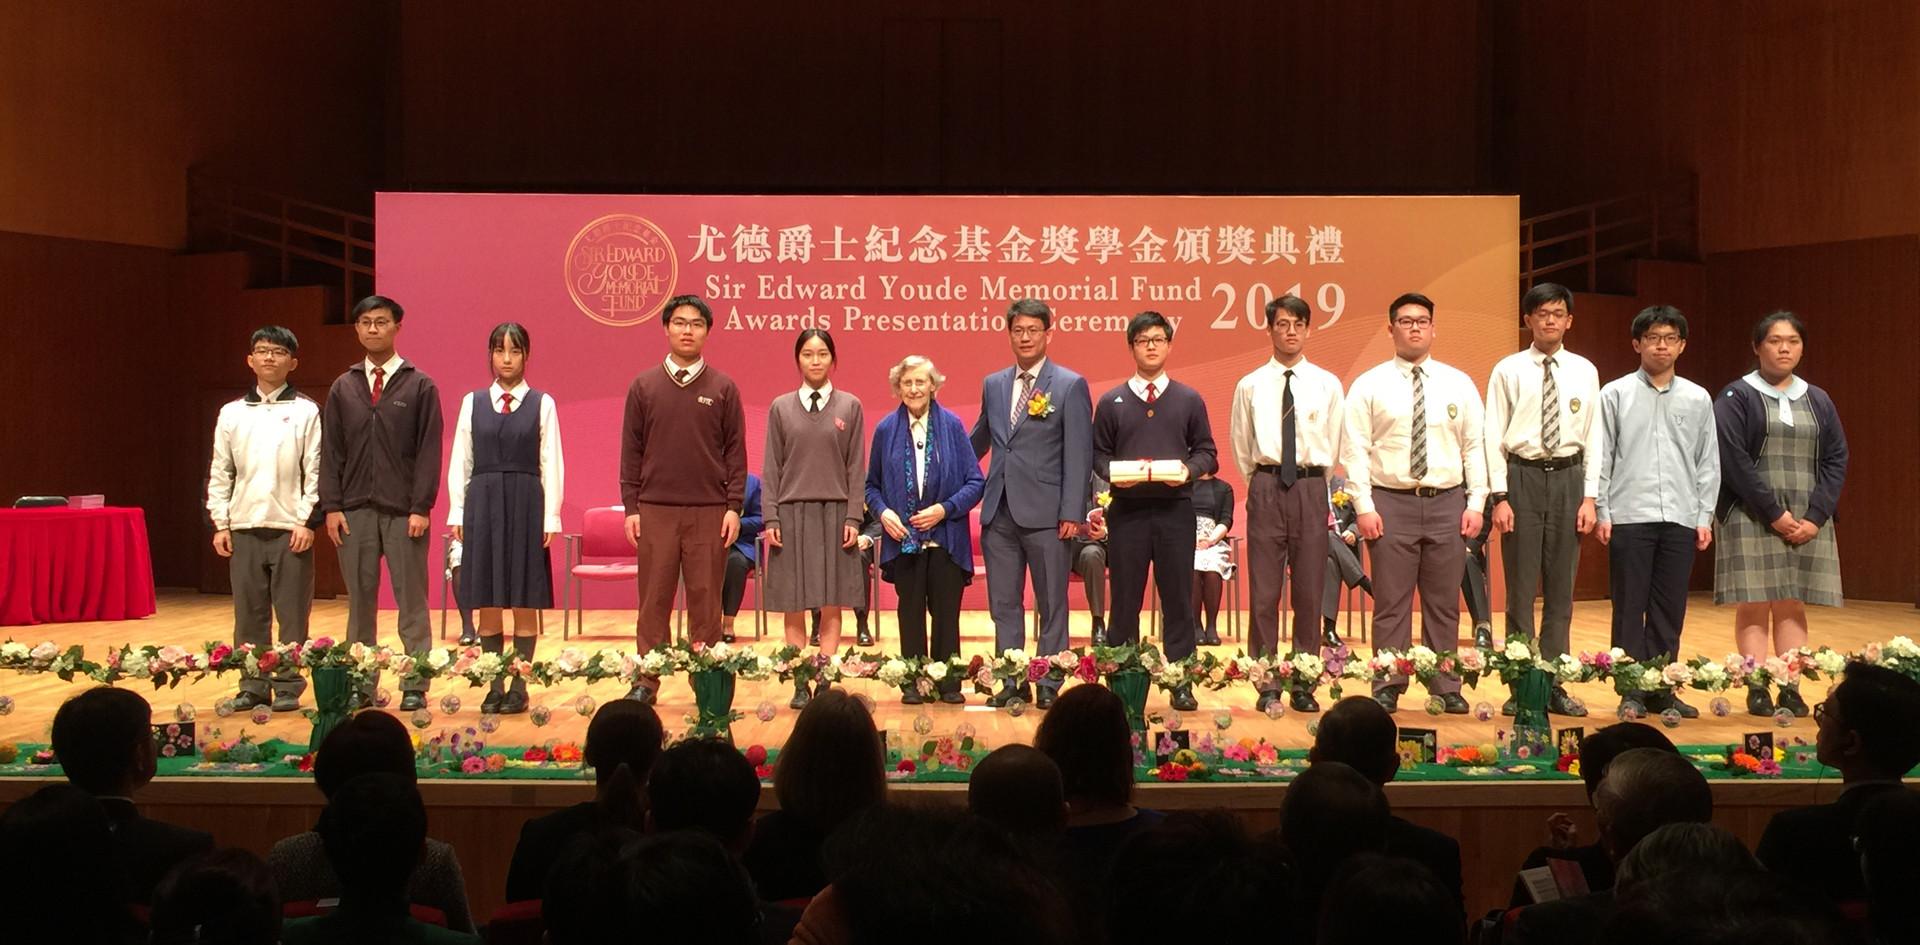 尤德爵士紀念基金高中學生獎